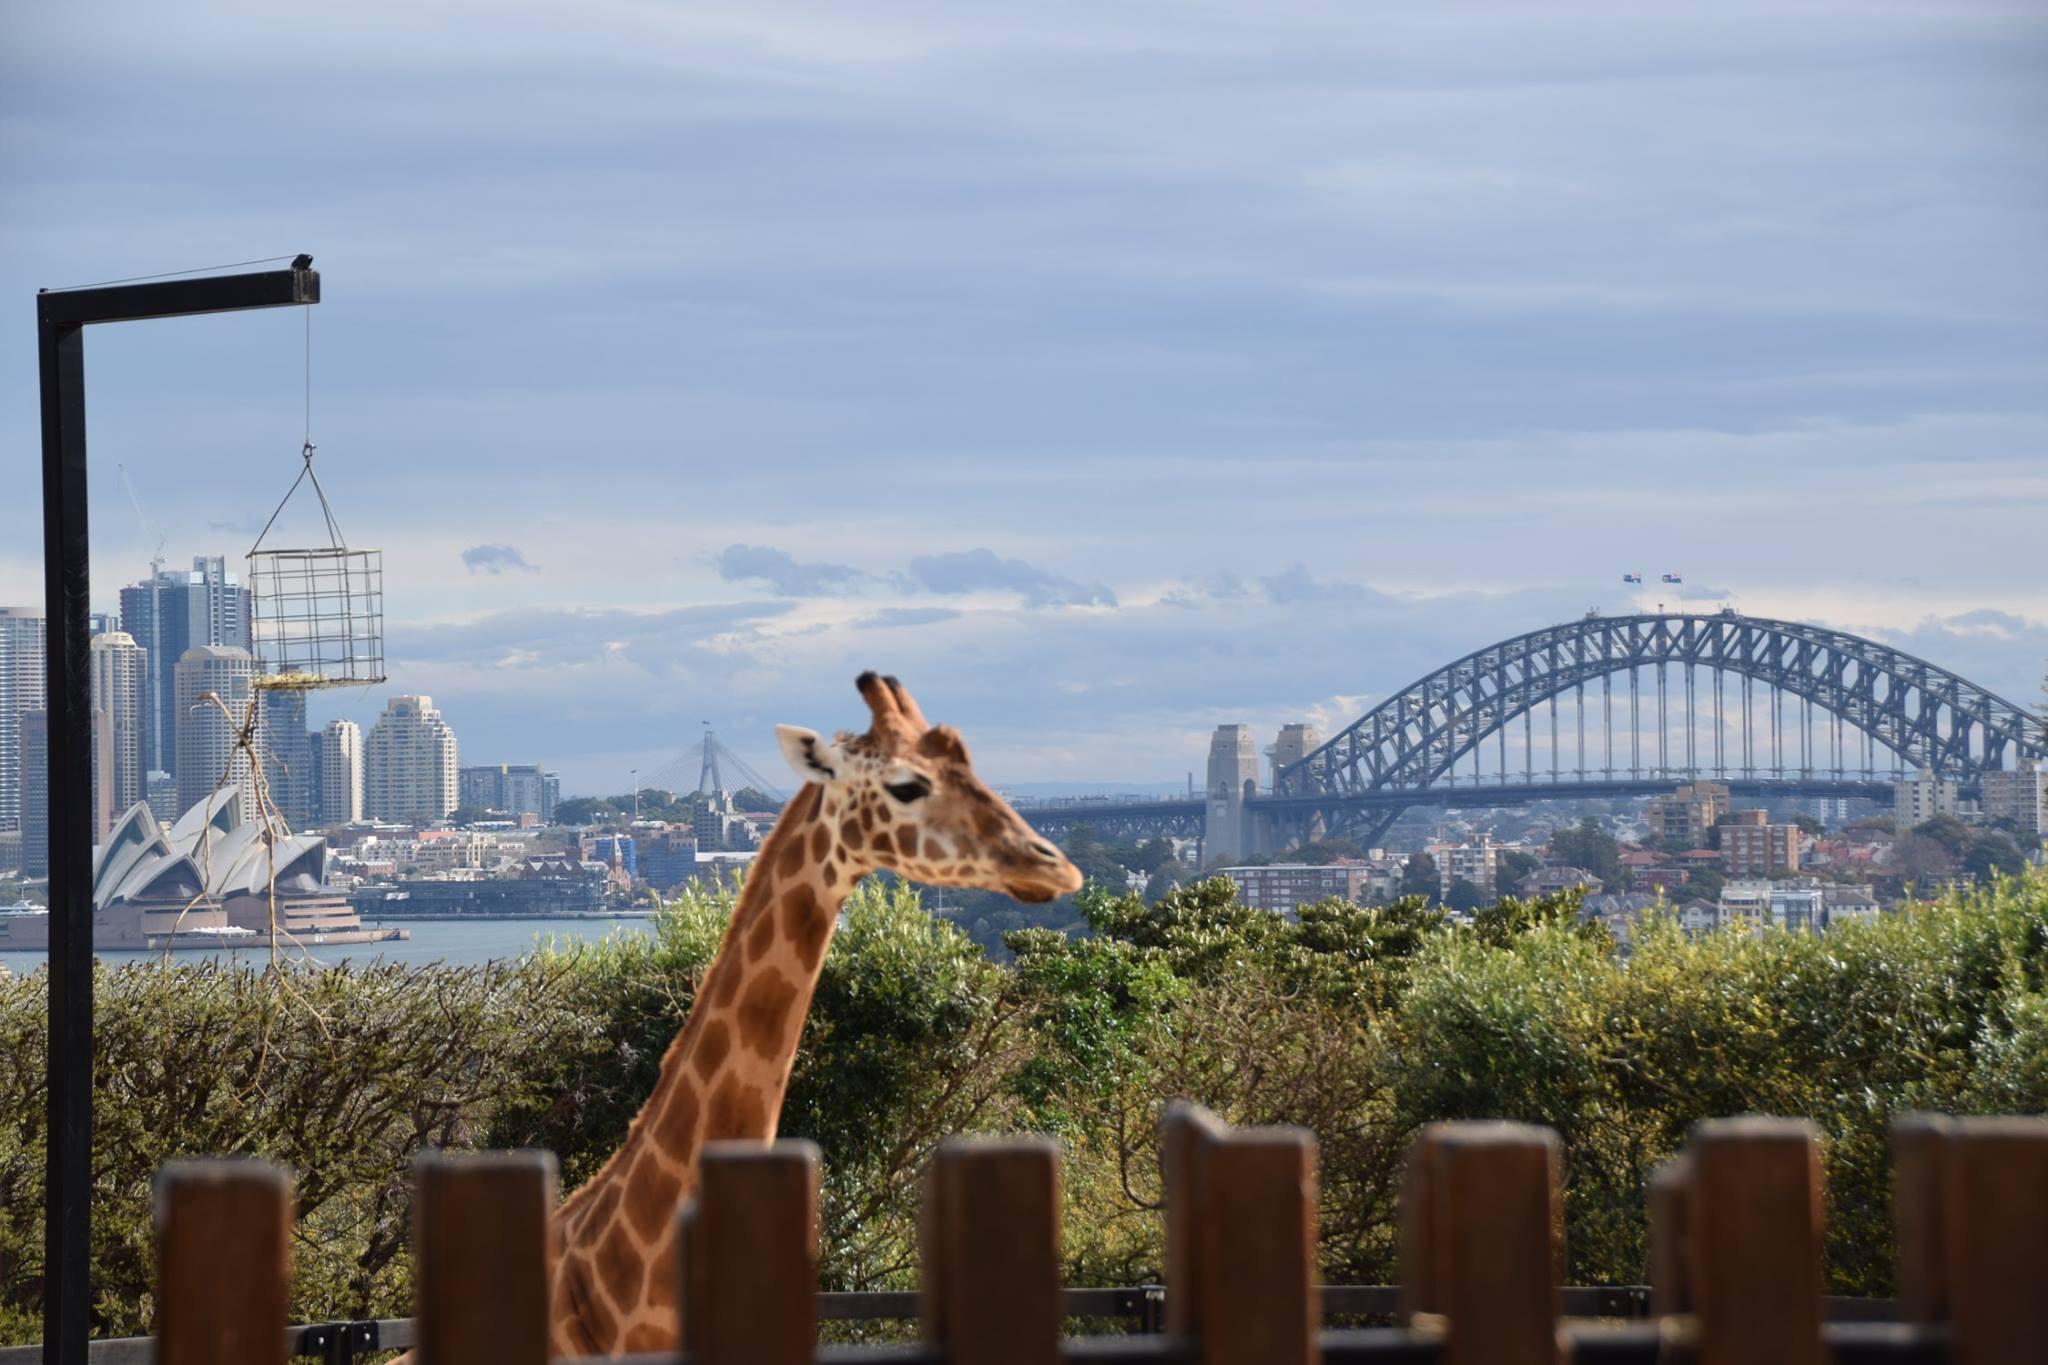 Giraffe in Sydney